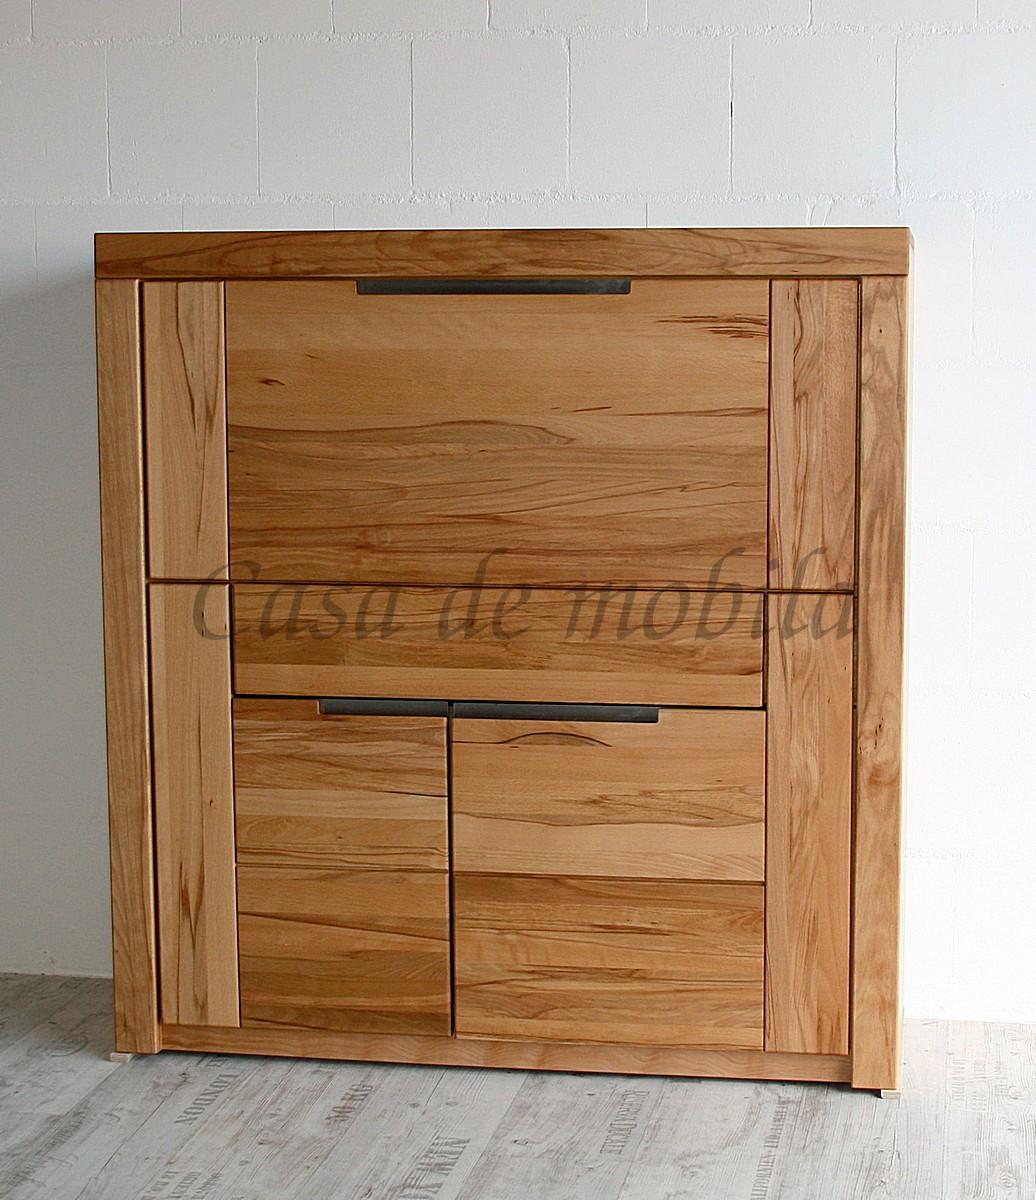 sekret r massivholz massivholz m bel in goslar massivholz m bel in goslar. Black Bedroom Furniture Sets. Home Design Ideas